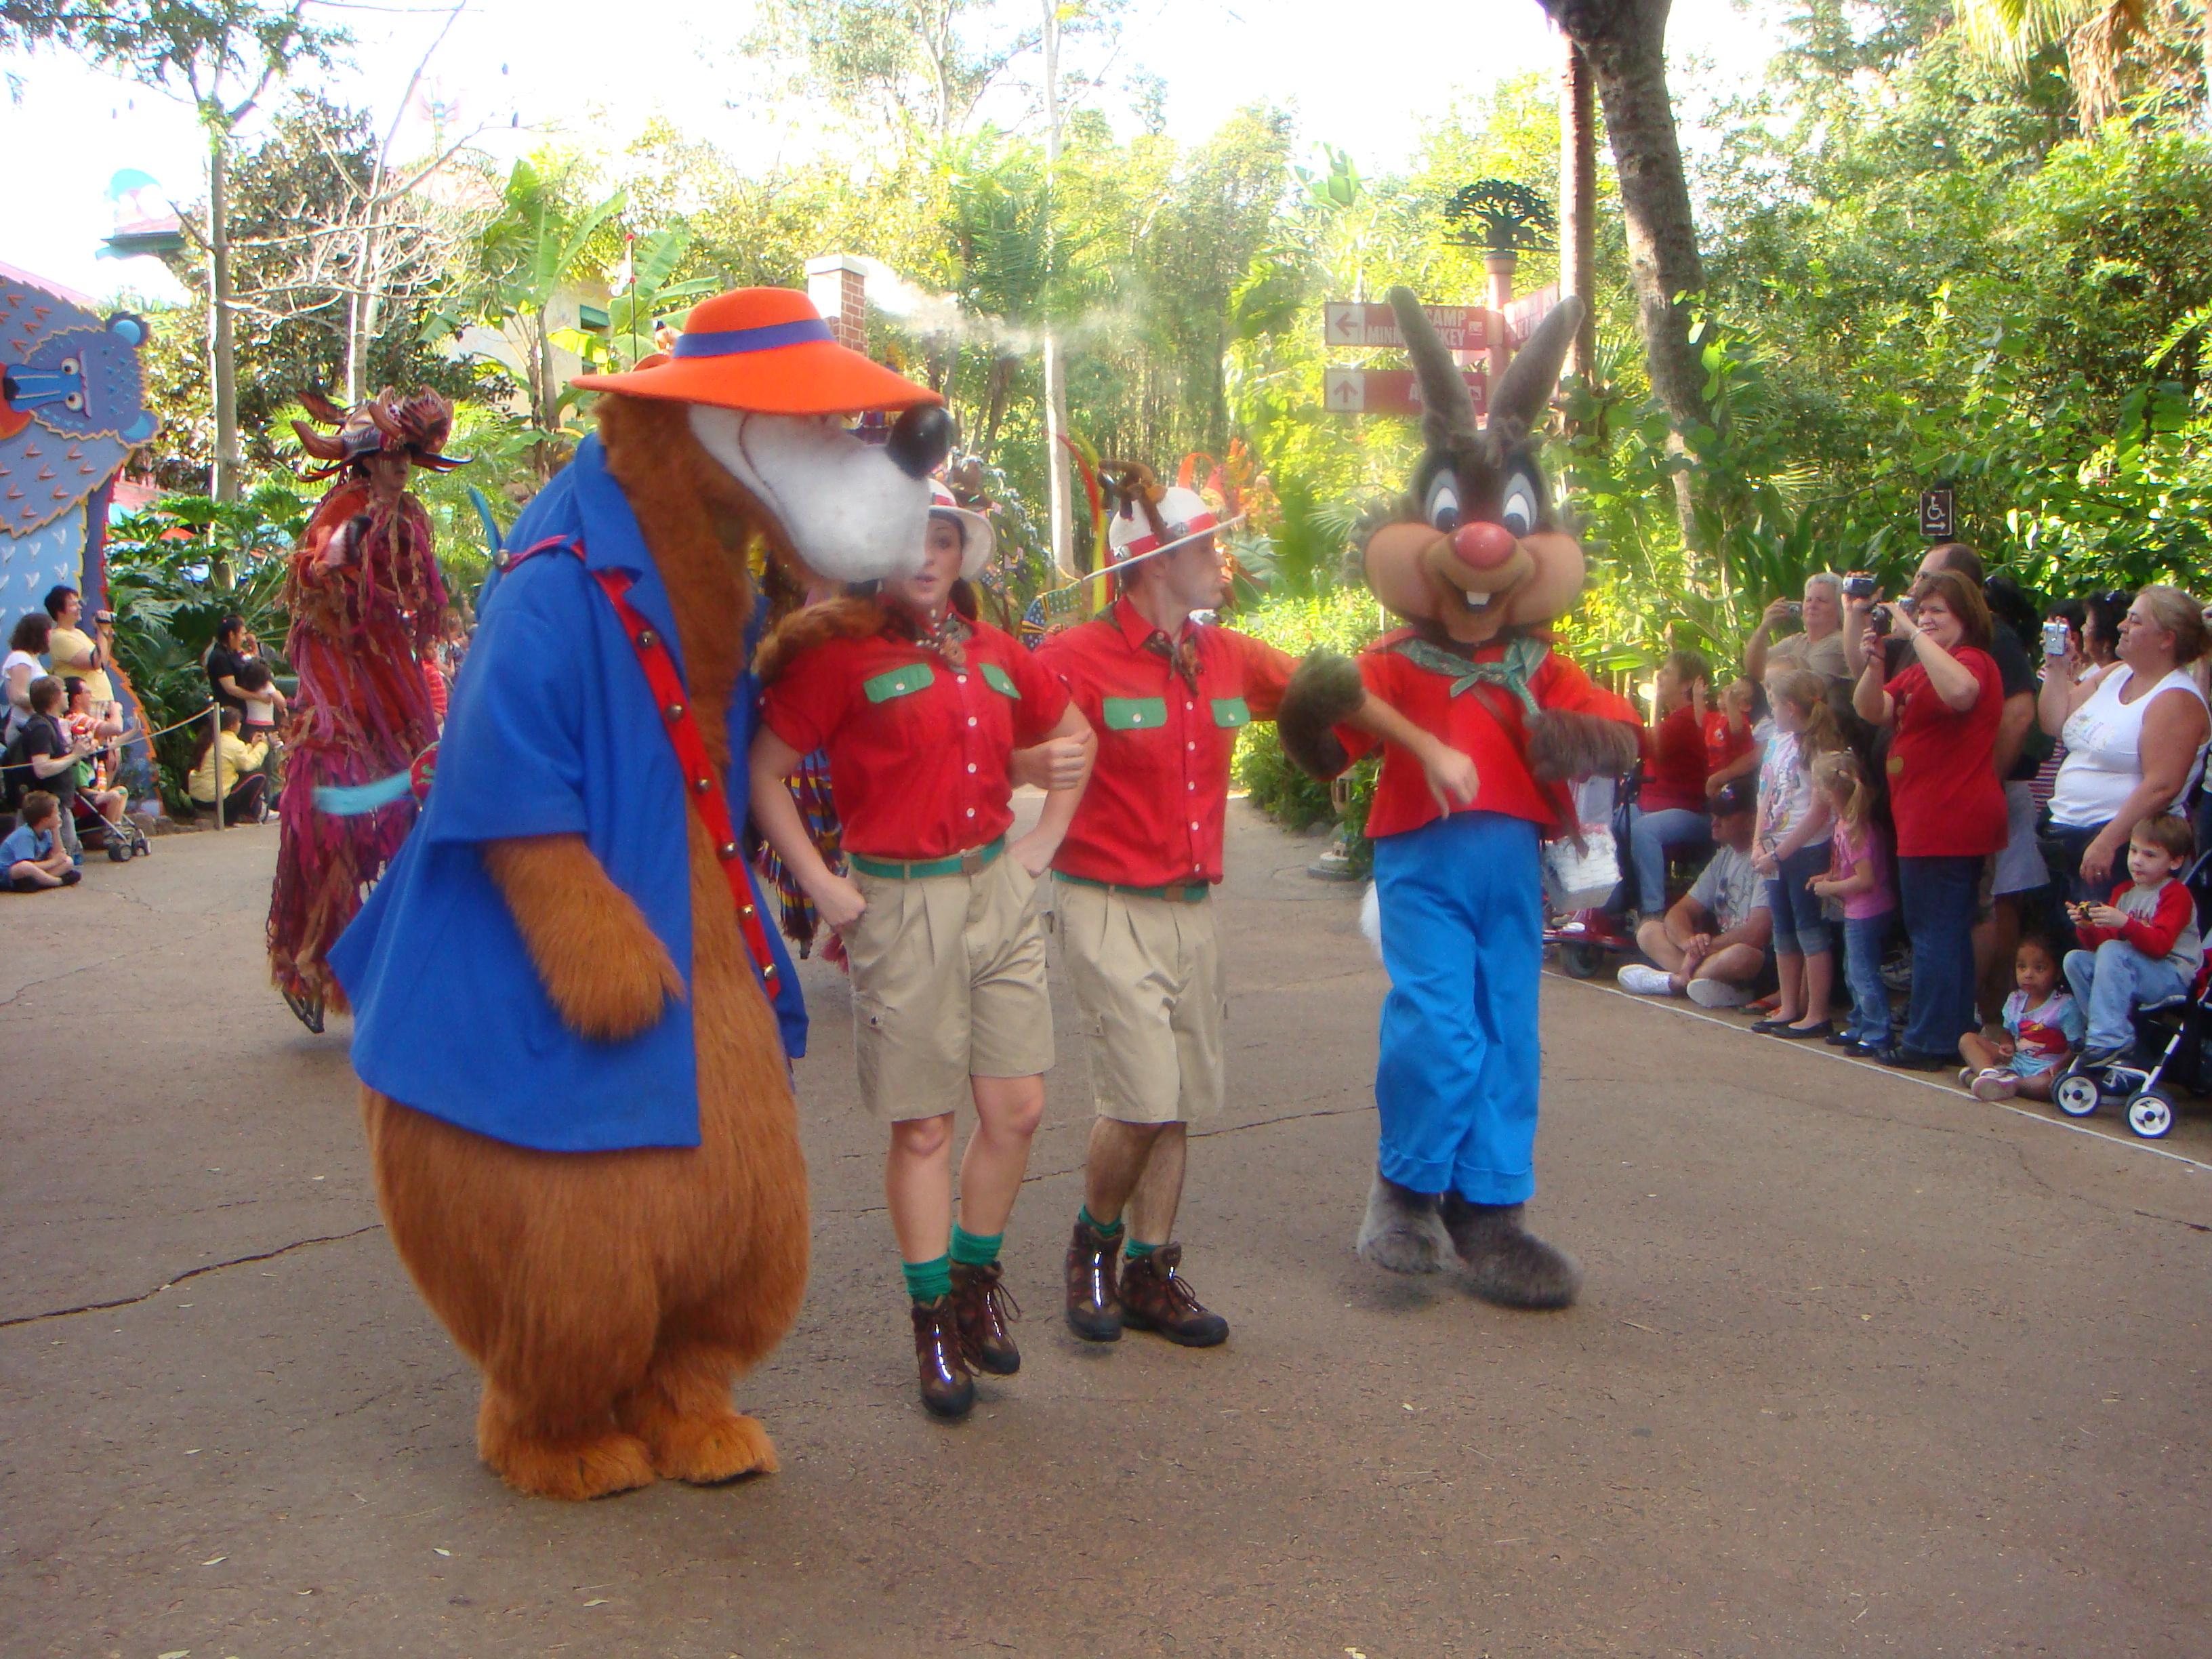 Br'er Rabbit and Br'er Bear